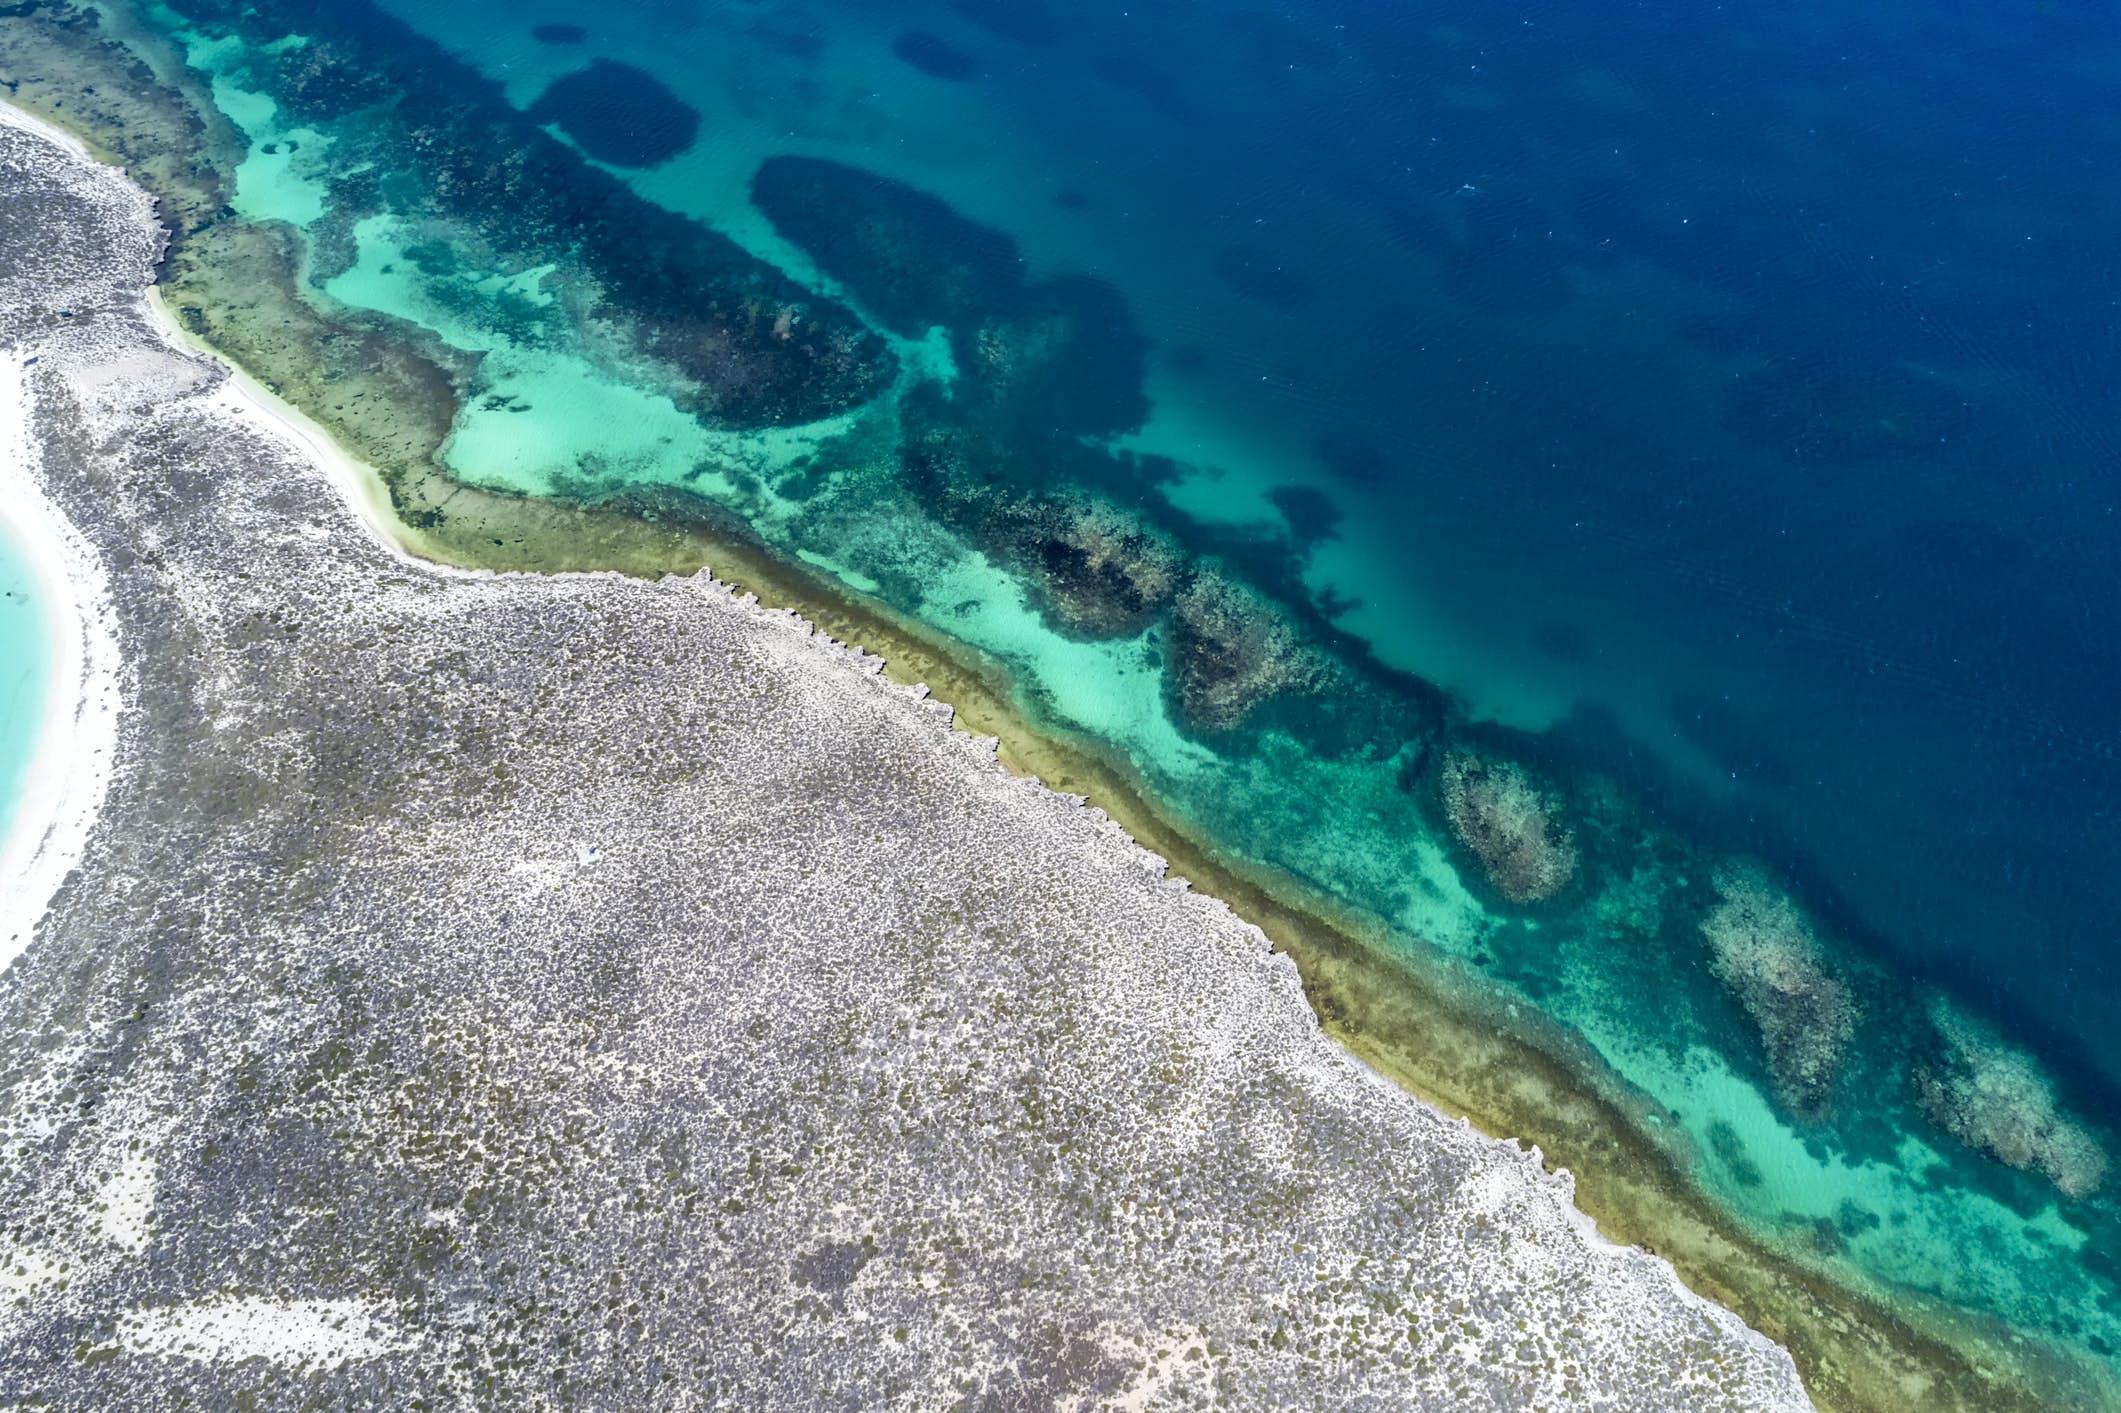 Las islas Houtman Abrolhos son un sitio impresionante de biodiversidad